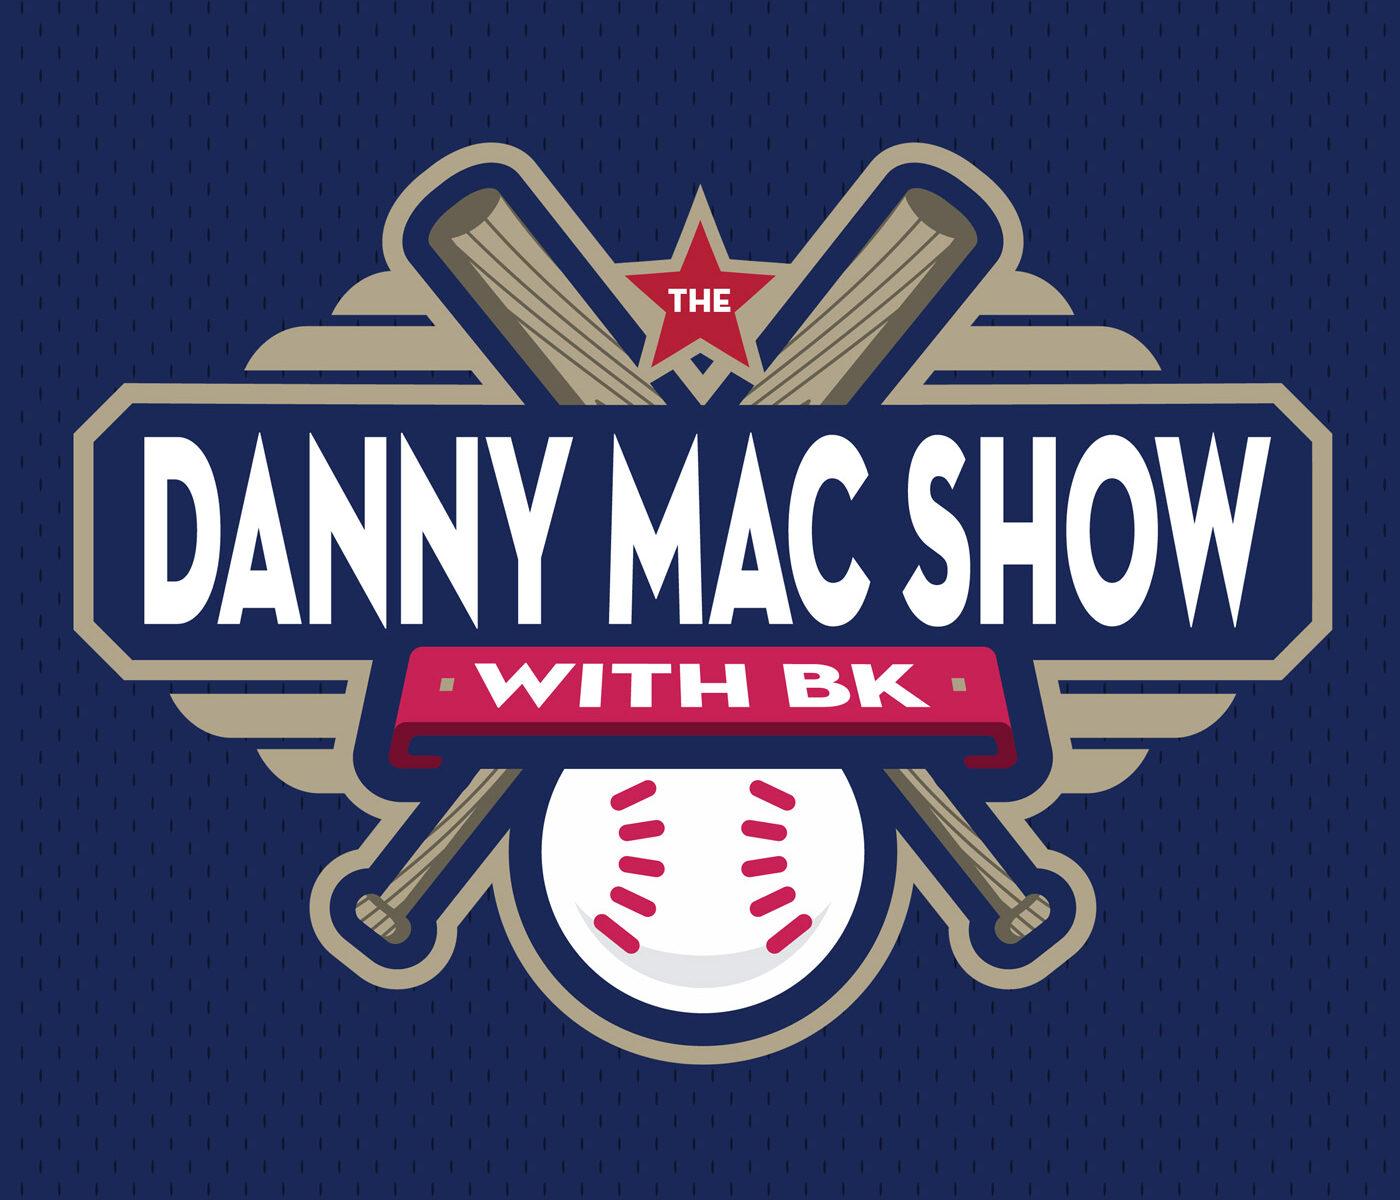 The Danny Mac Show